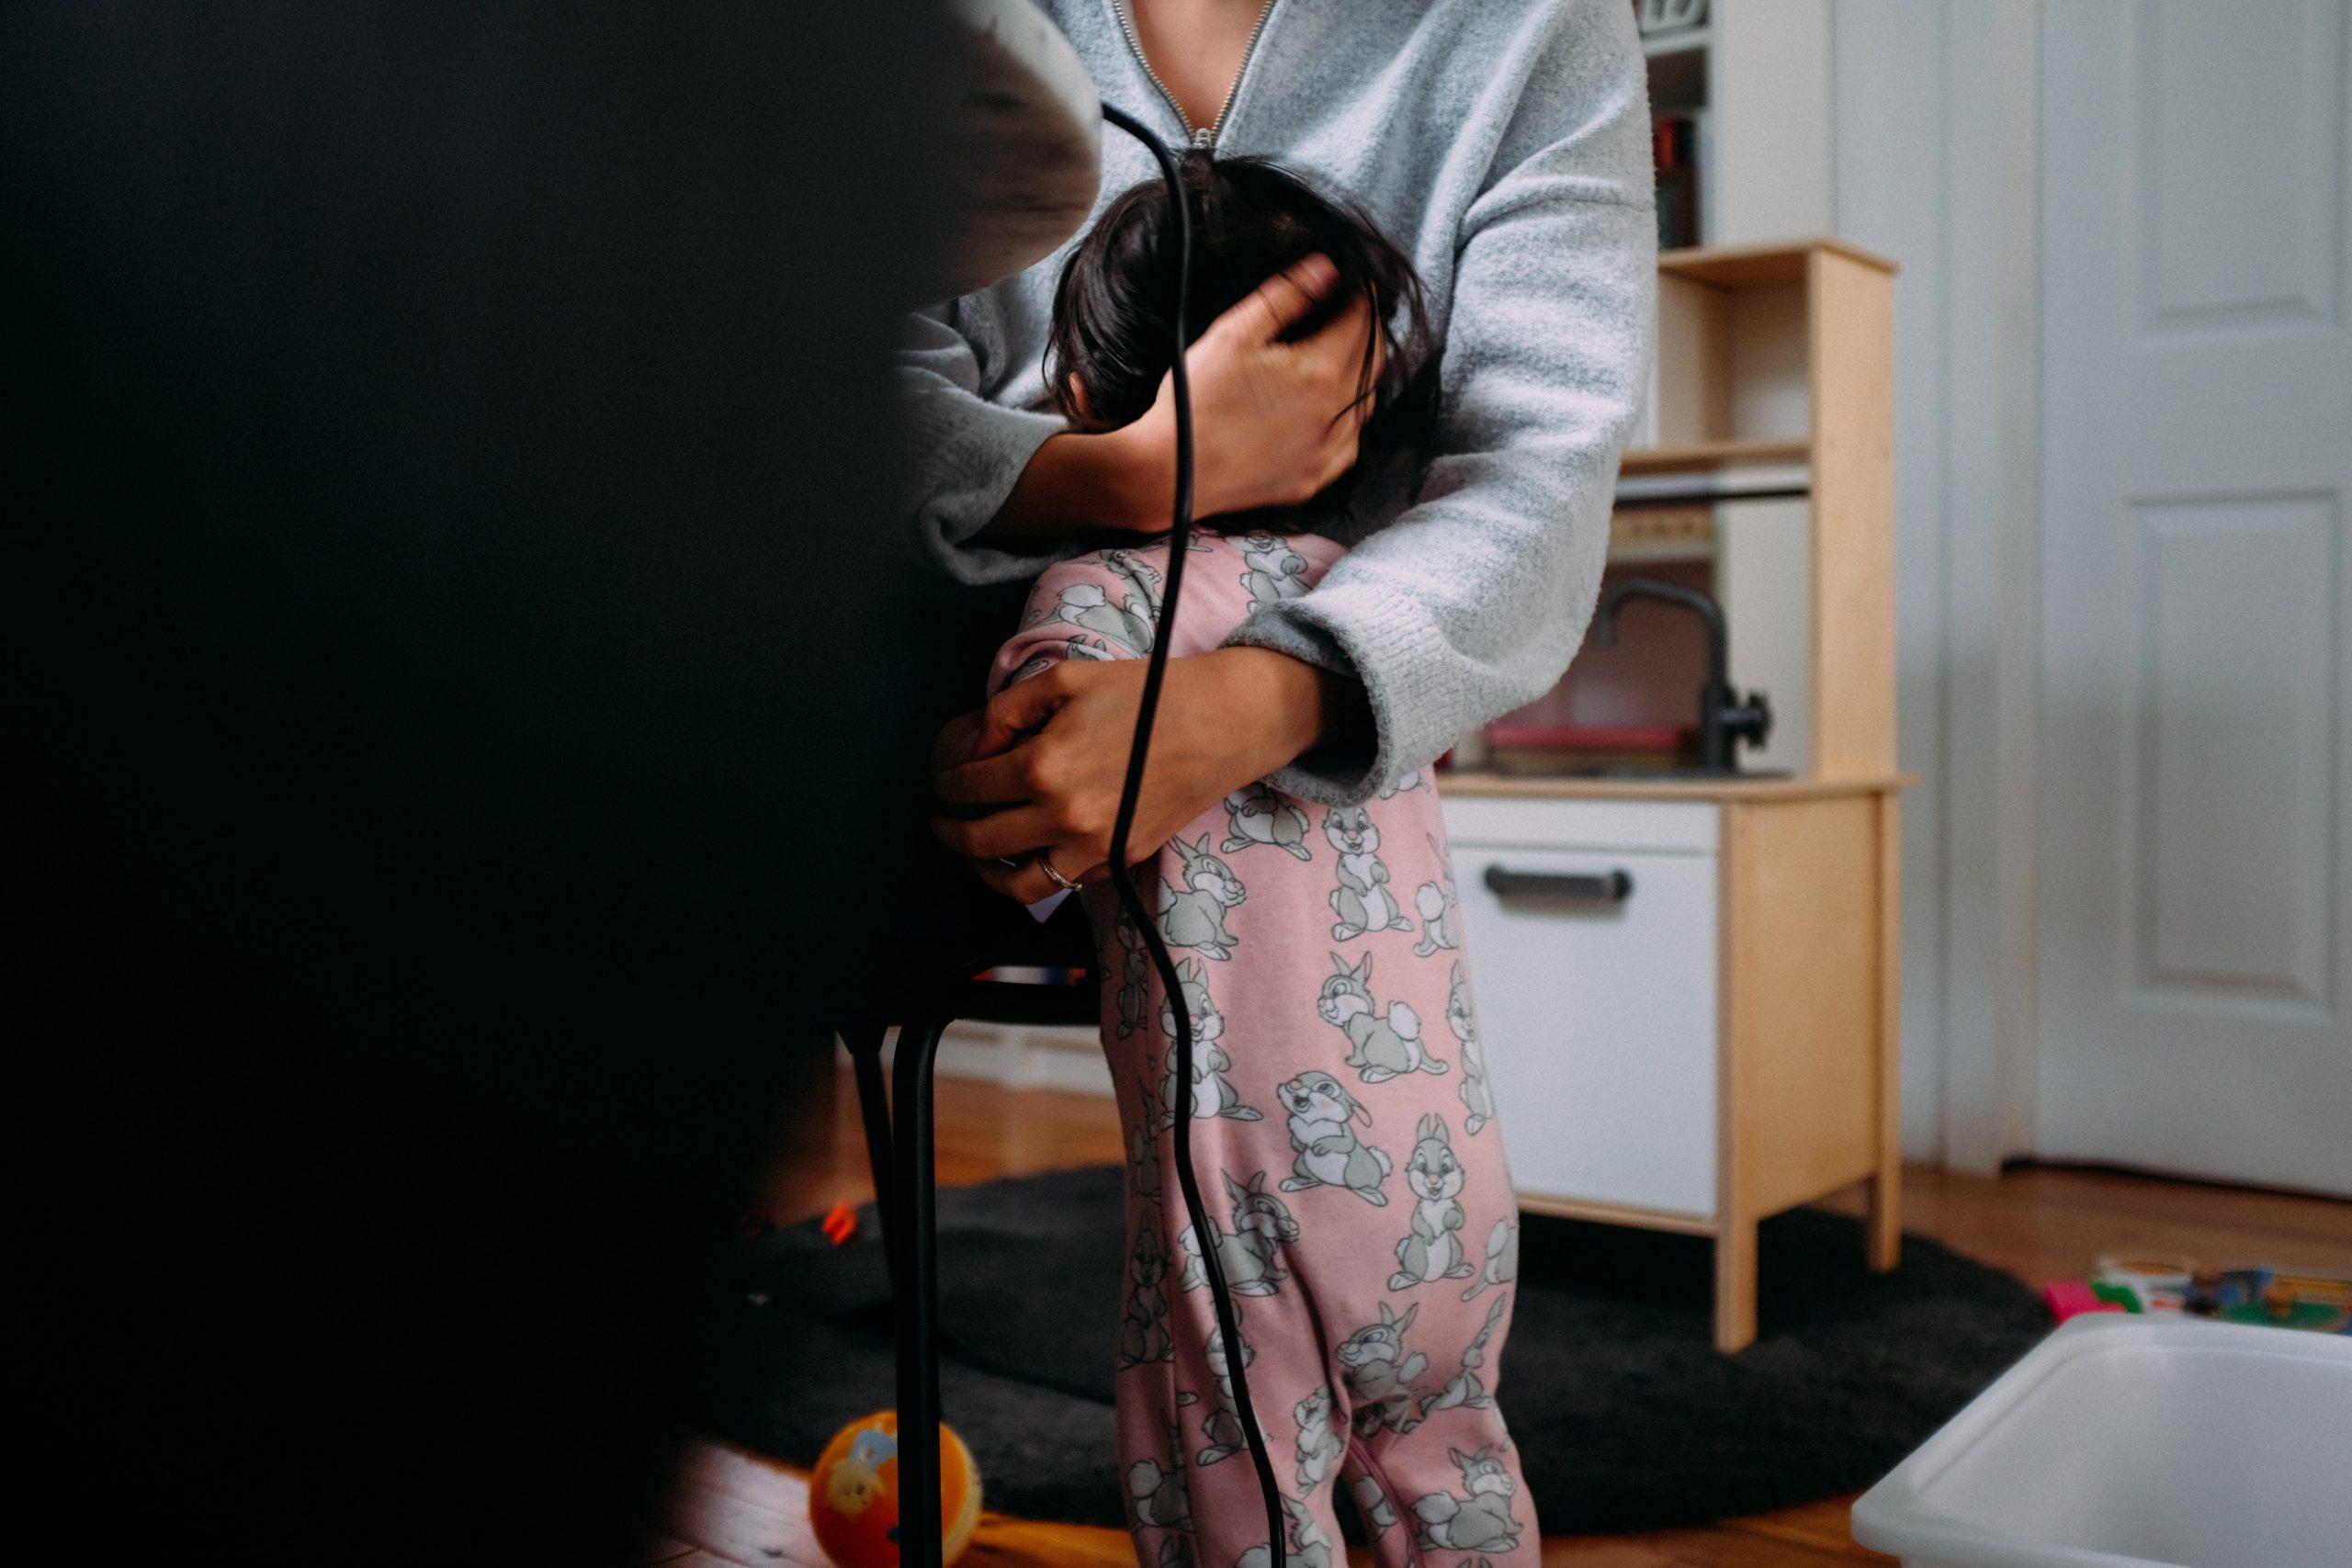 Egy anya nem azért van otthon a gyerekkel, mert nem szeret dolgozni!